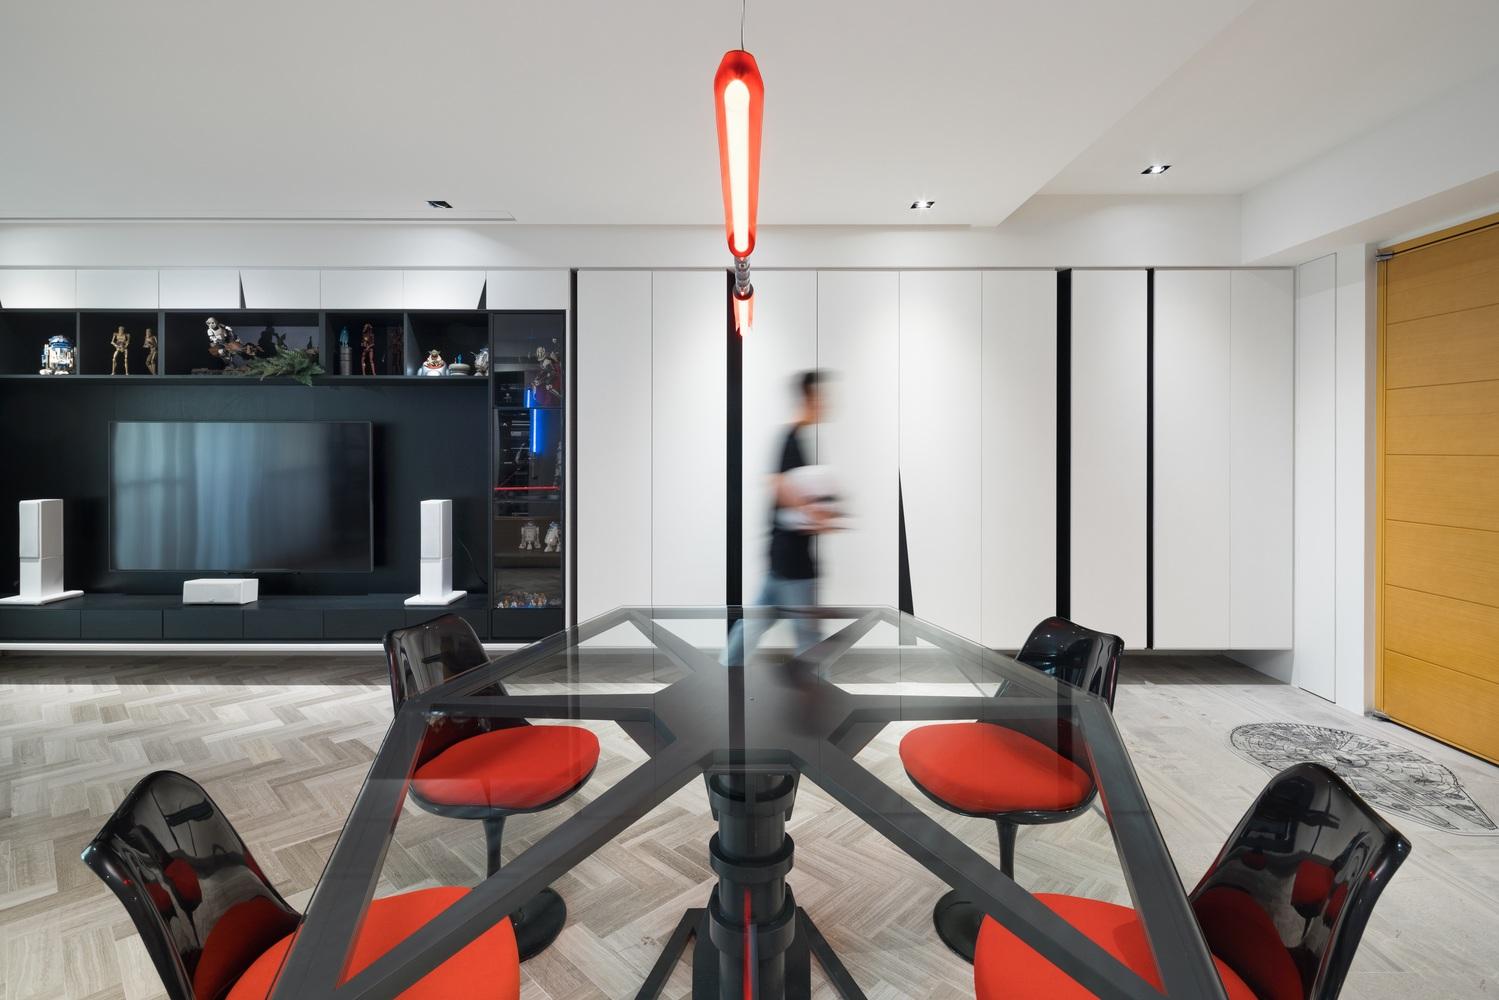 11-star-wars-casa-inspirada-na-saga-surpreende-com-design-sofisticado